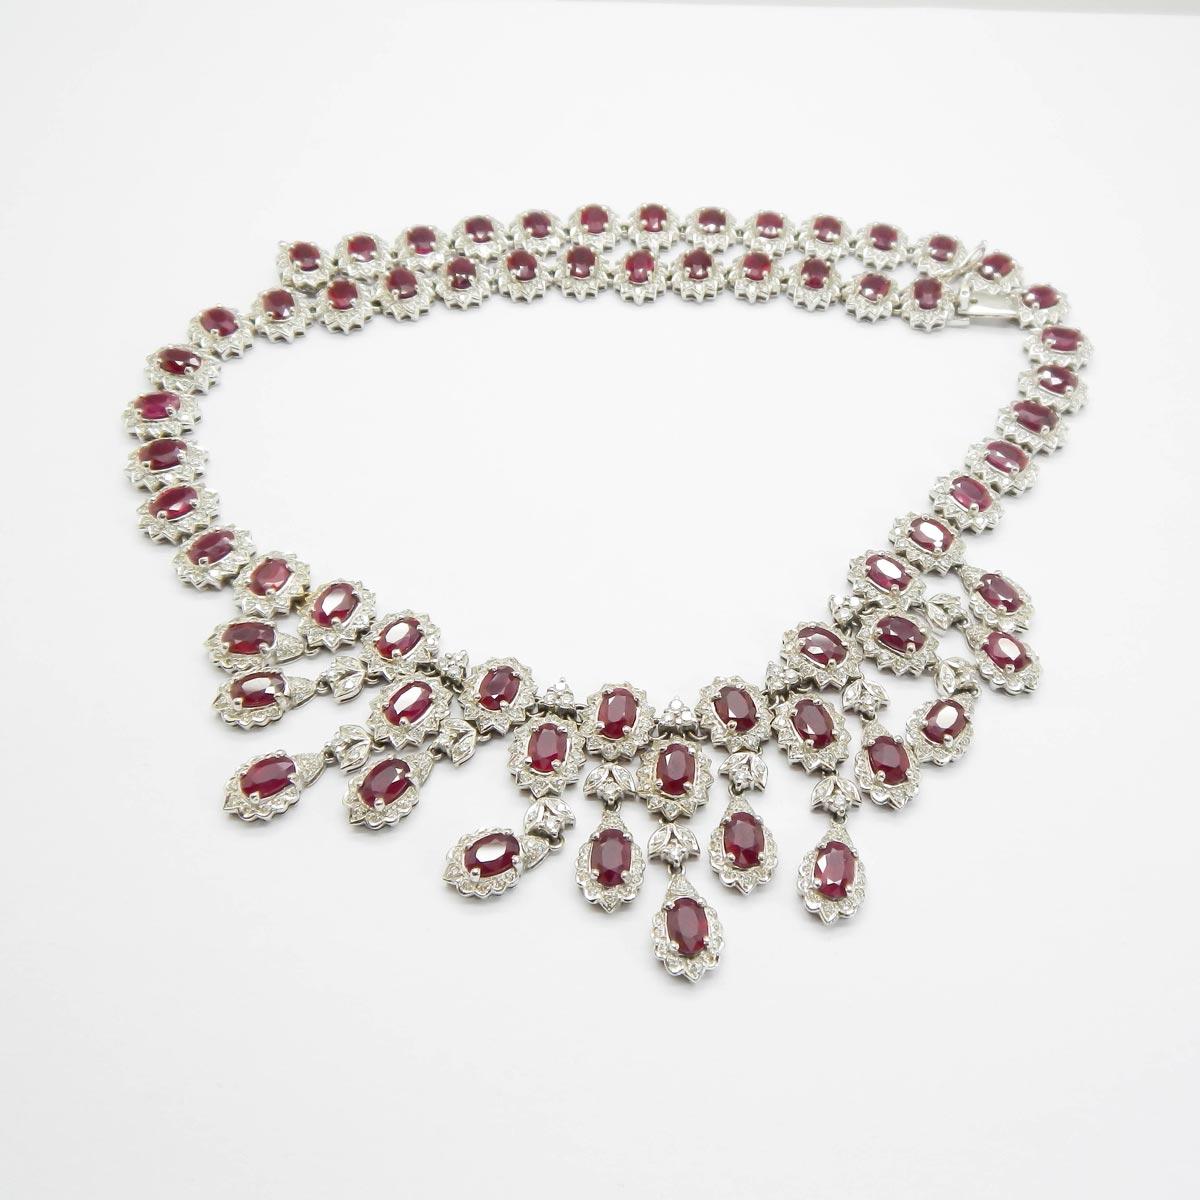 il-marchese-diamonds-diamanti-gioielli-artigianali-collier-collana-rubini-oro-bianco-4